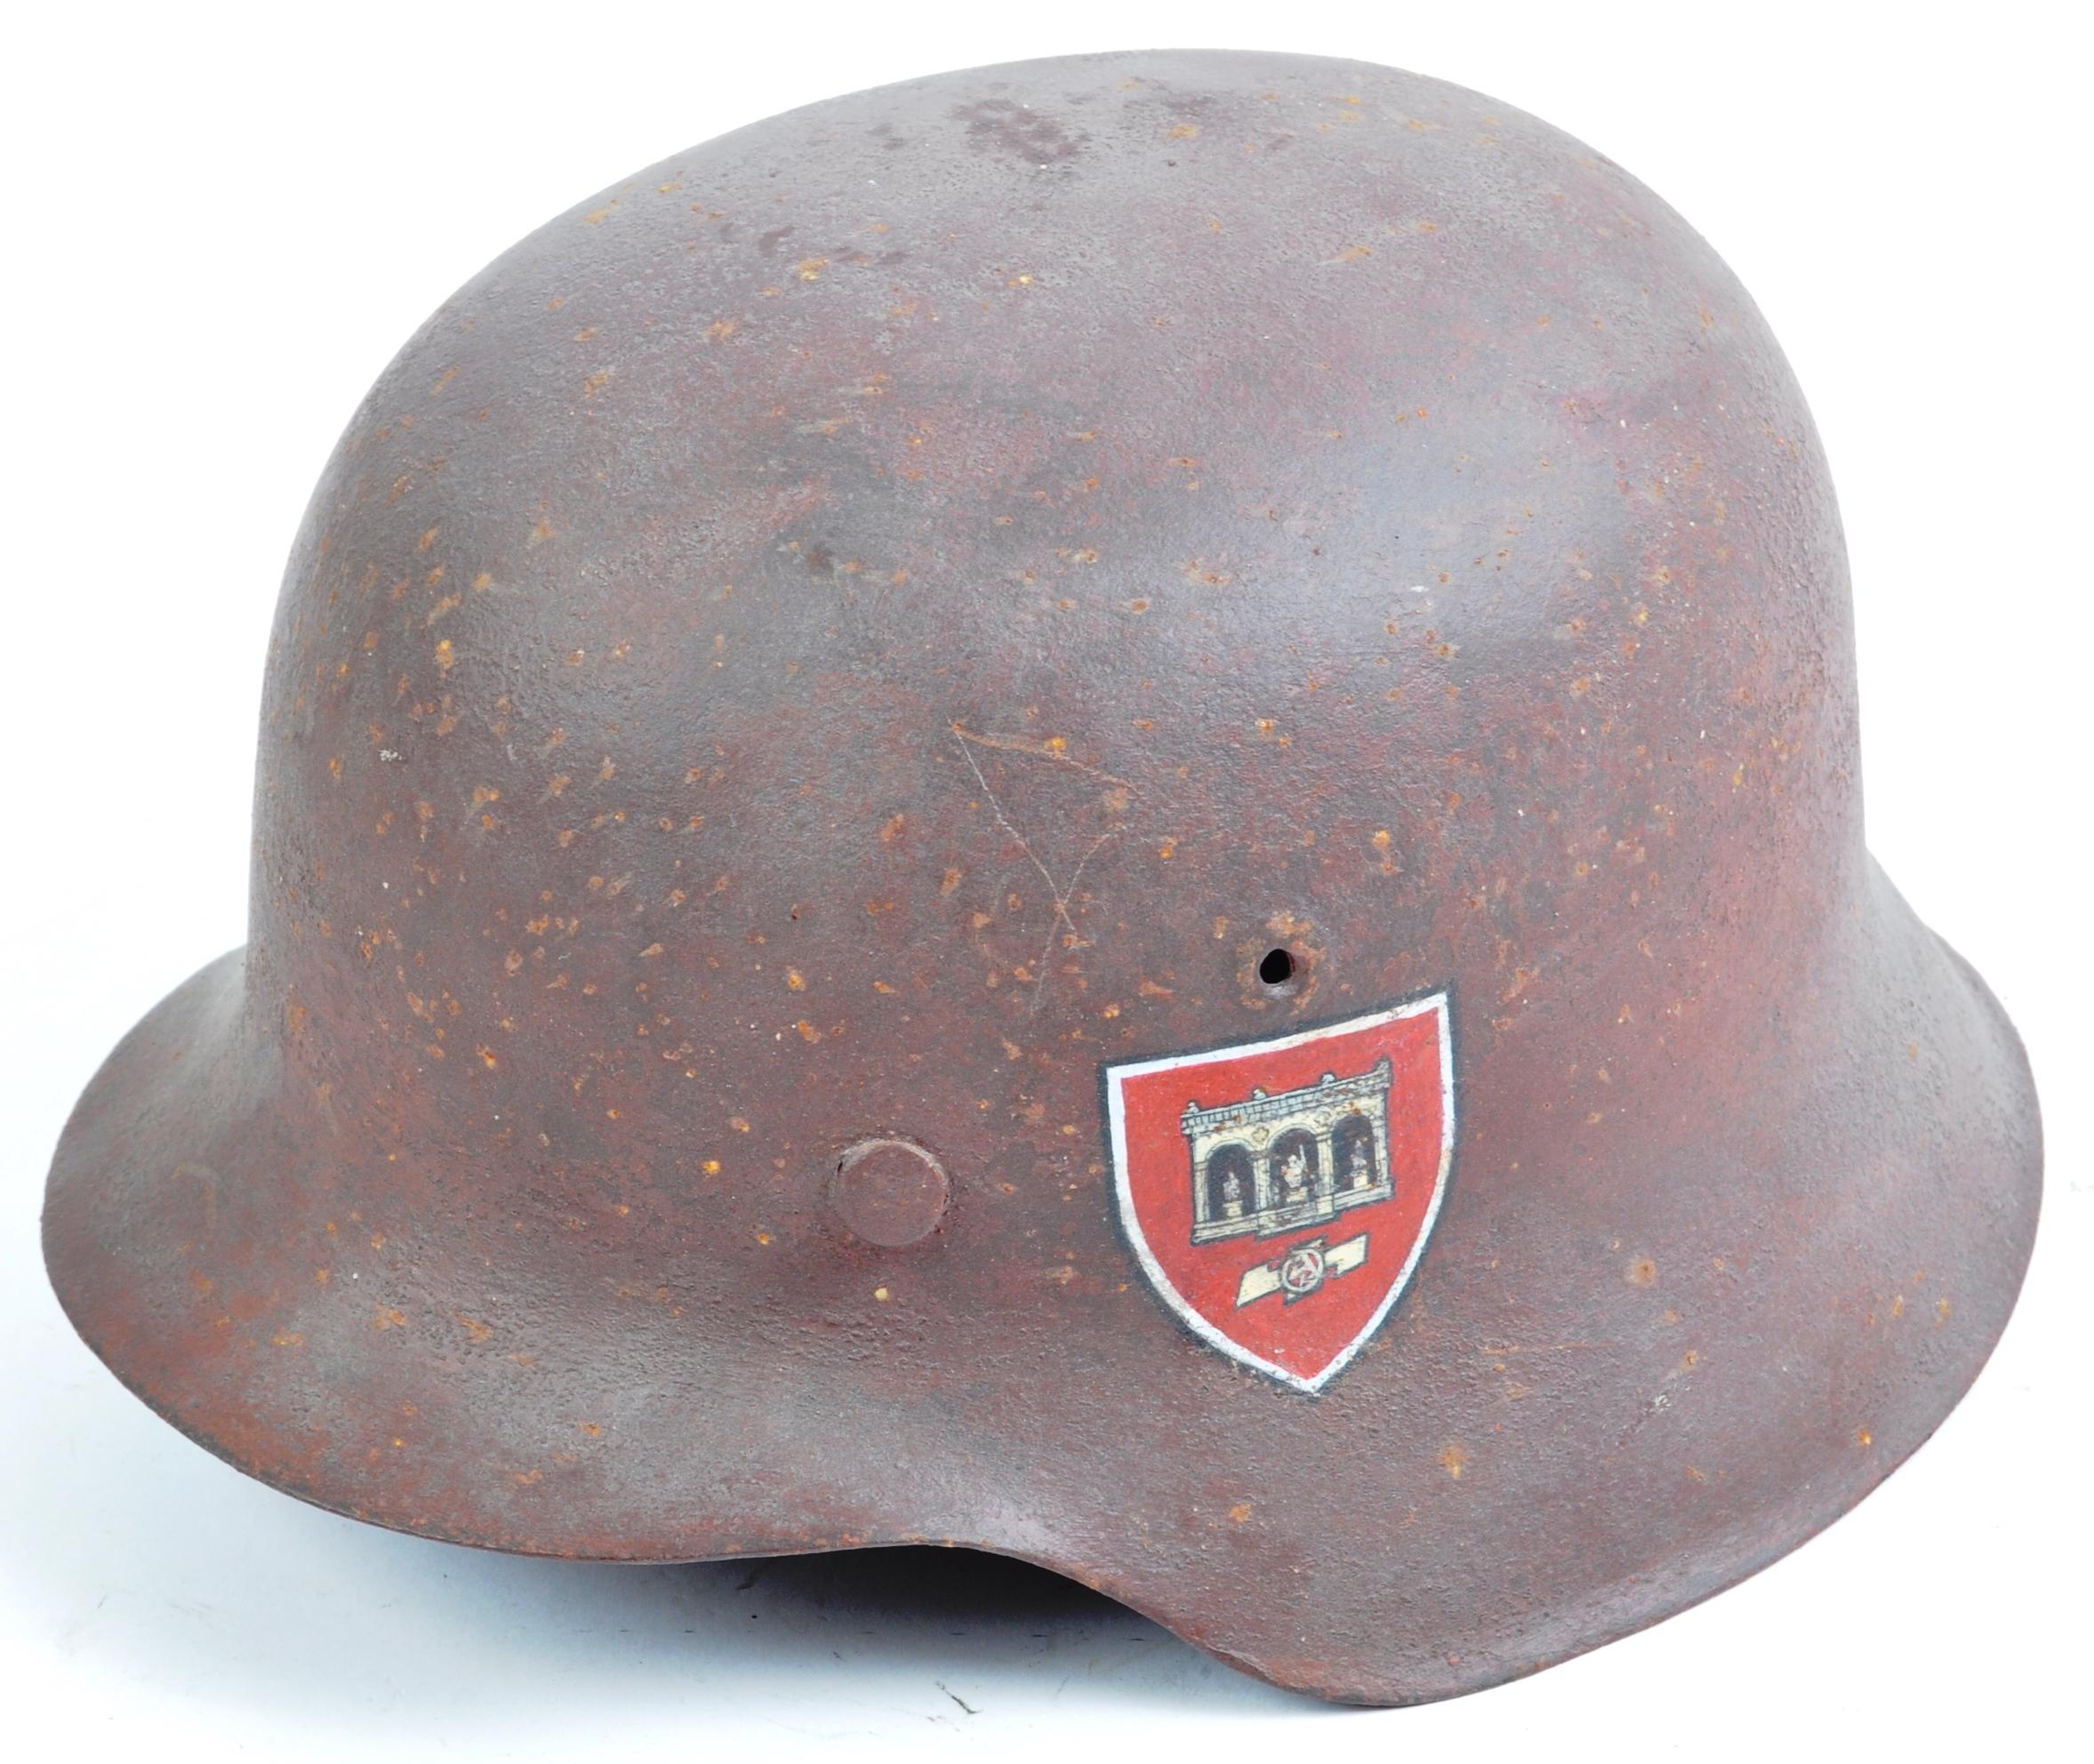 WWII SECOND WORLD WAR THIRD REICH NAZI M42 HELMET